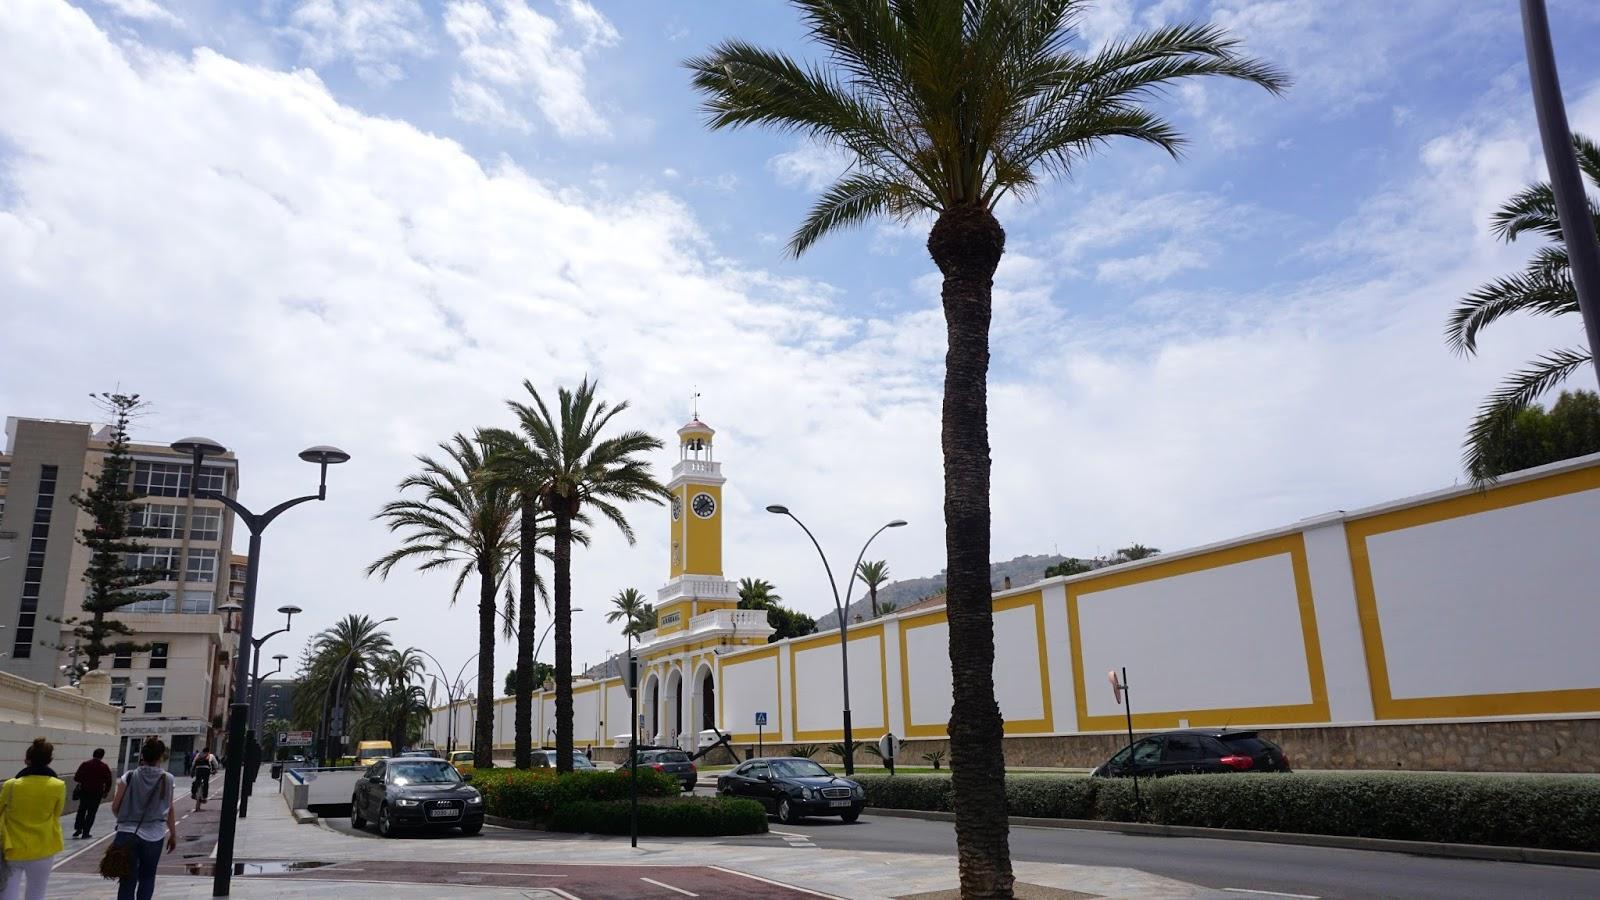 Kartagena, hiszpańskie miasto, Alicante, atrakcje Hiszpanii, południowa Hiszpania, Pani Dorcia, Pani Dorcia blog, blog o podróżach, prowincja Murcja,  Costa Calida